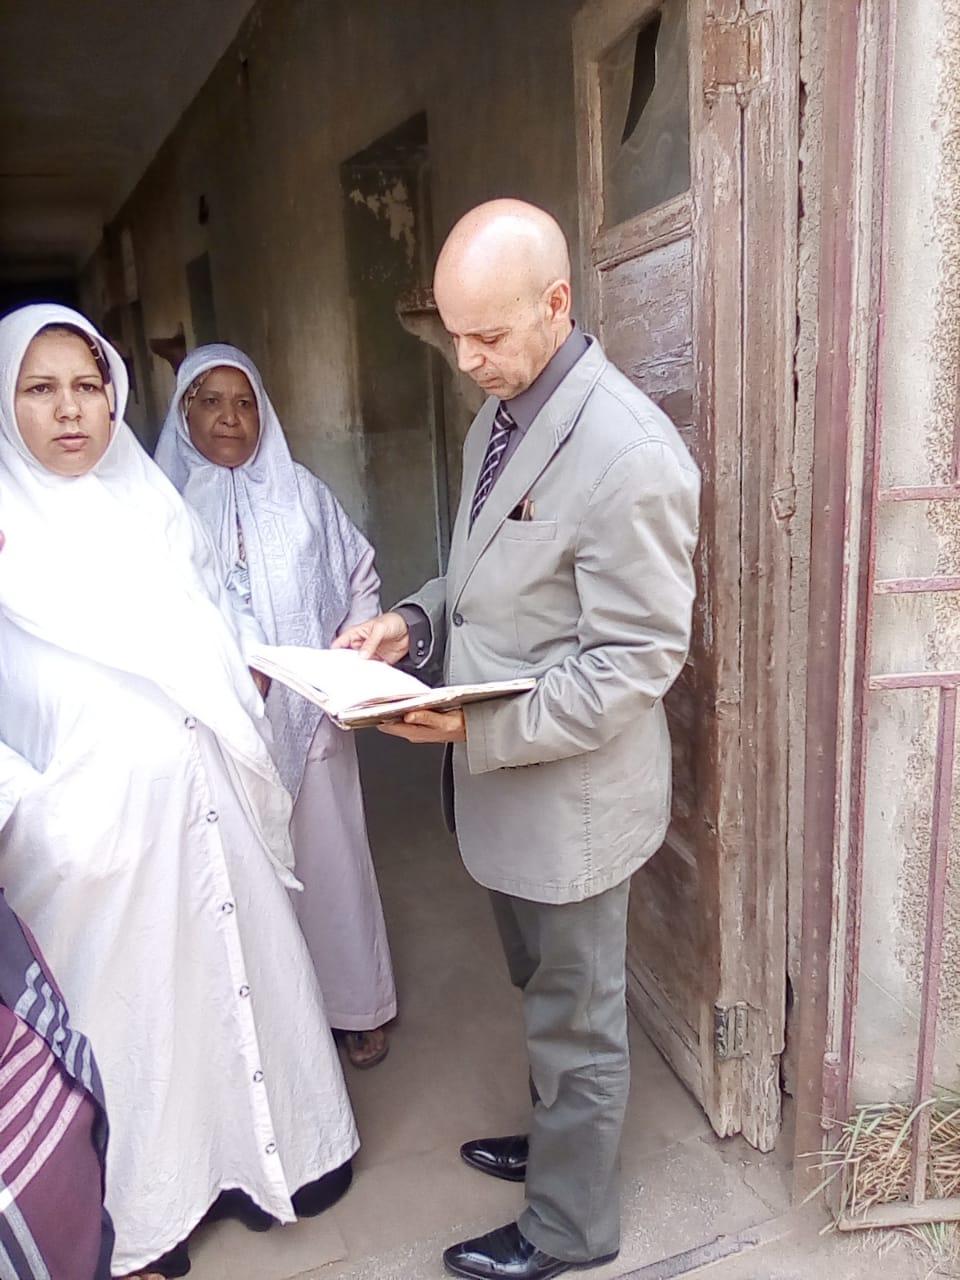 وكيل صحة الشرقية يفاجئ وحدة طب الأسرة بالعزيزية